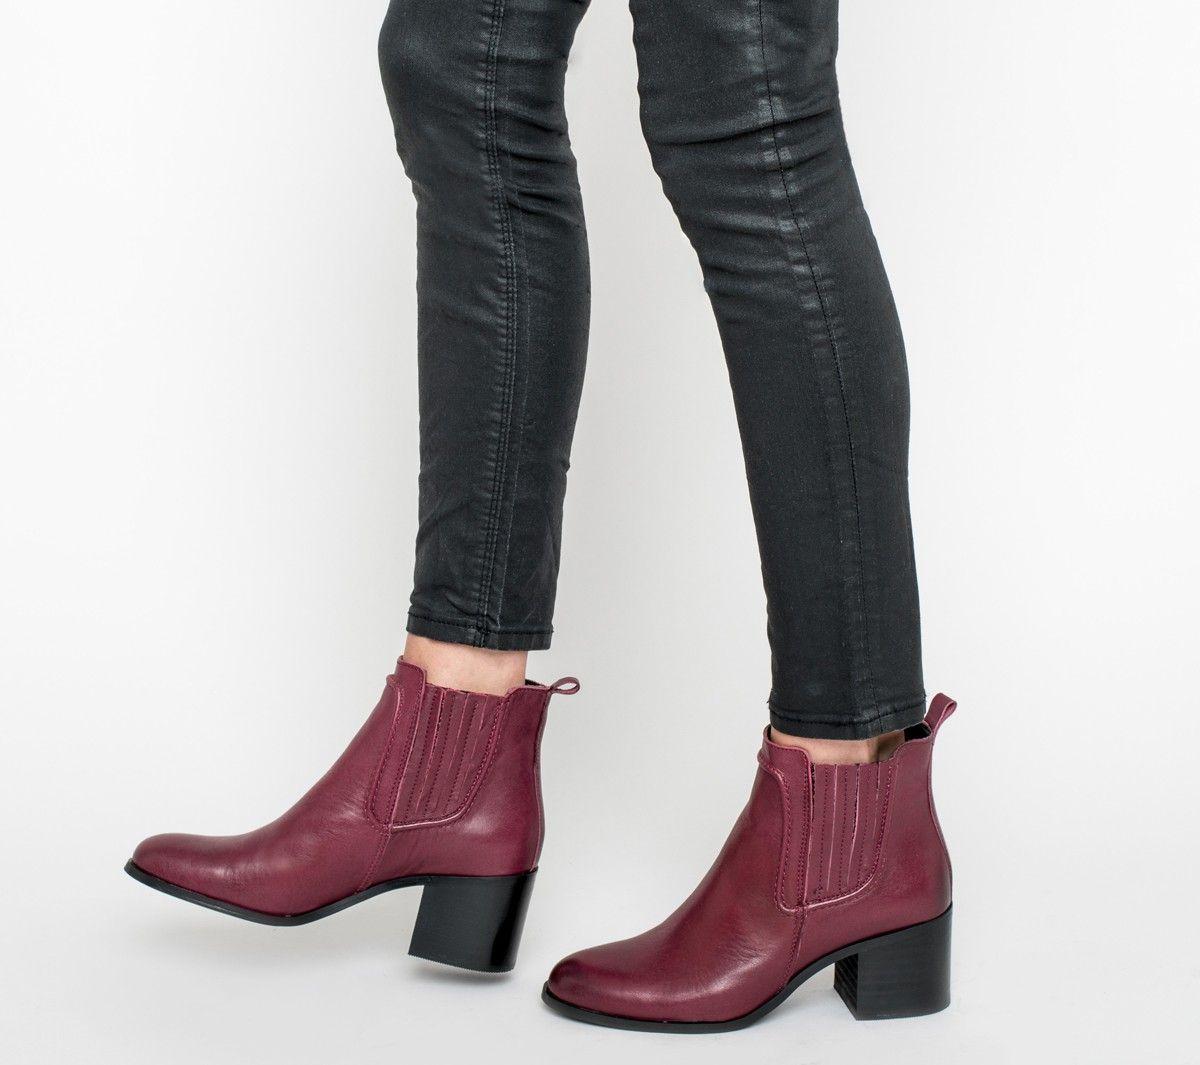 complet dans les spécifications pas cher magasin en ligne Boots cuir rouge à élastiques piqués rouge foncé | Things I ...